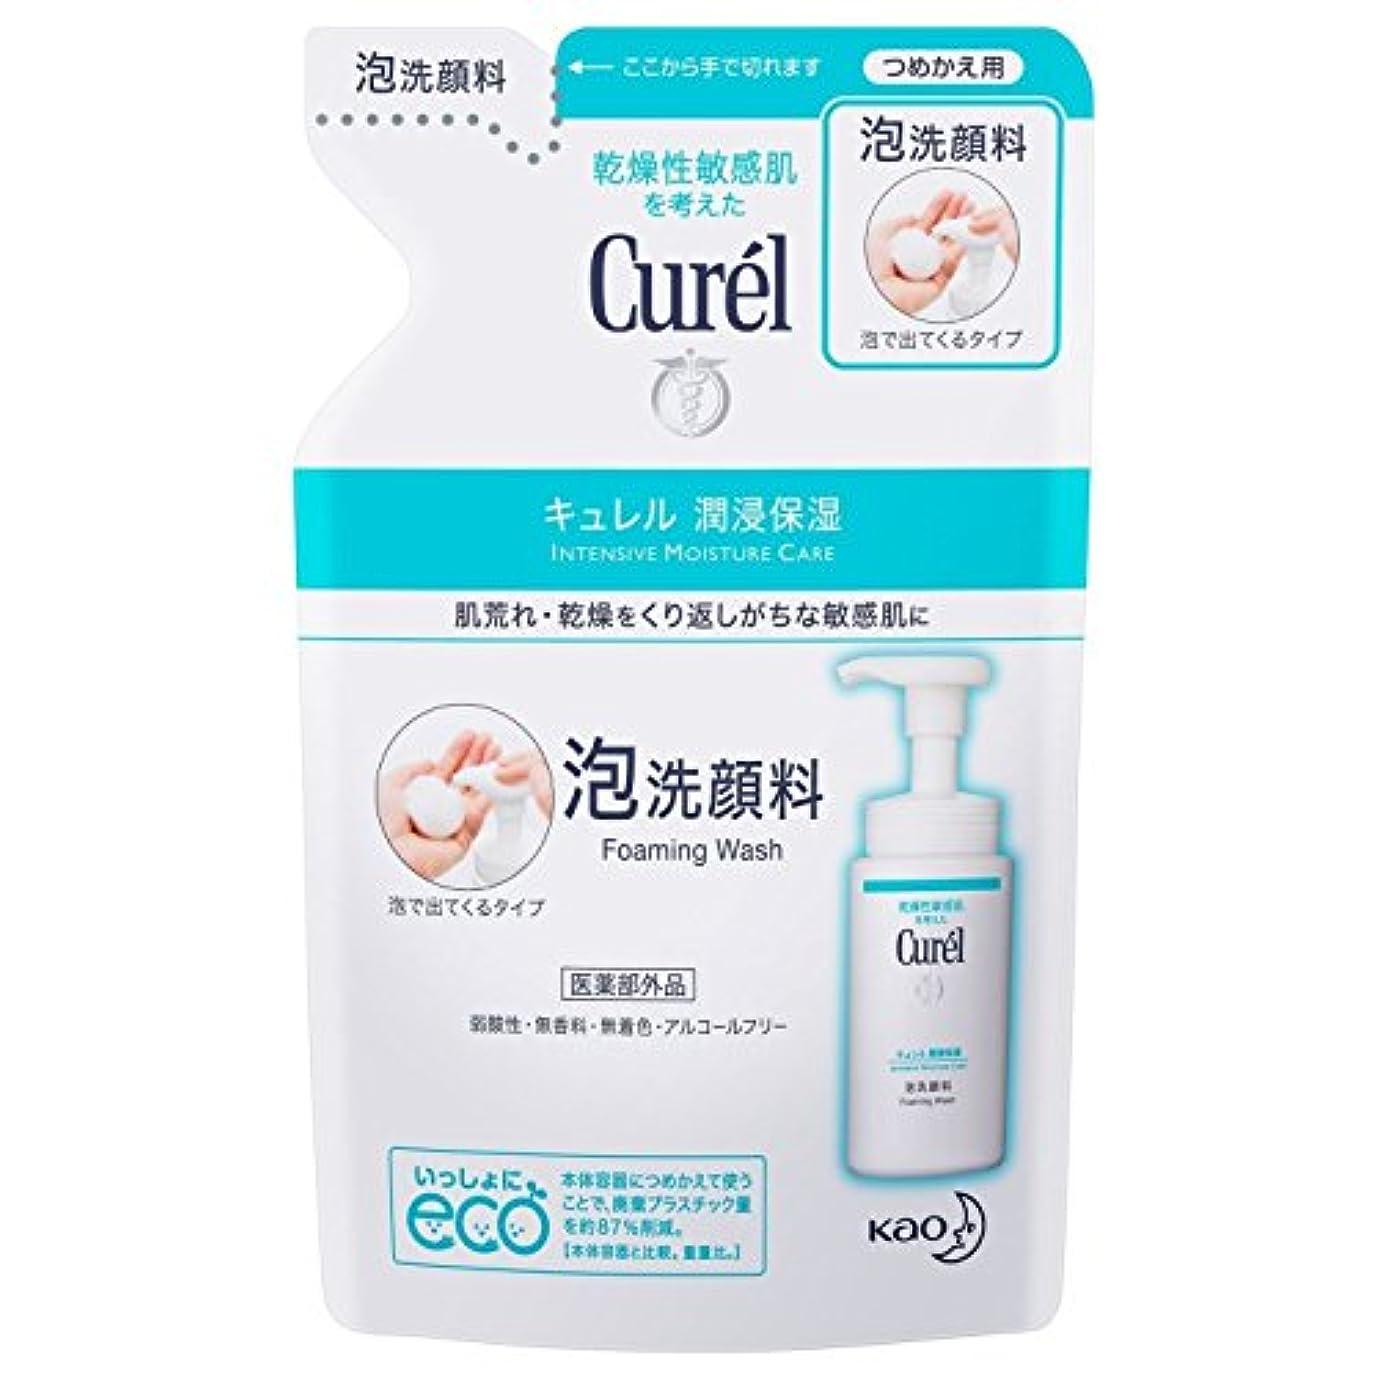 一掃するランチレプリカ【花王】Curel(キュレル) 泡洗顔料 つめかえ用 130ml ×5個セット